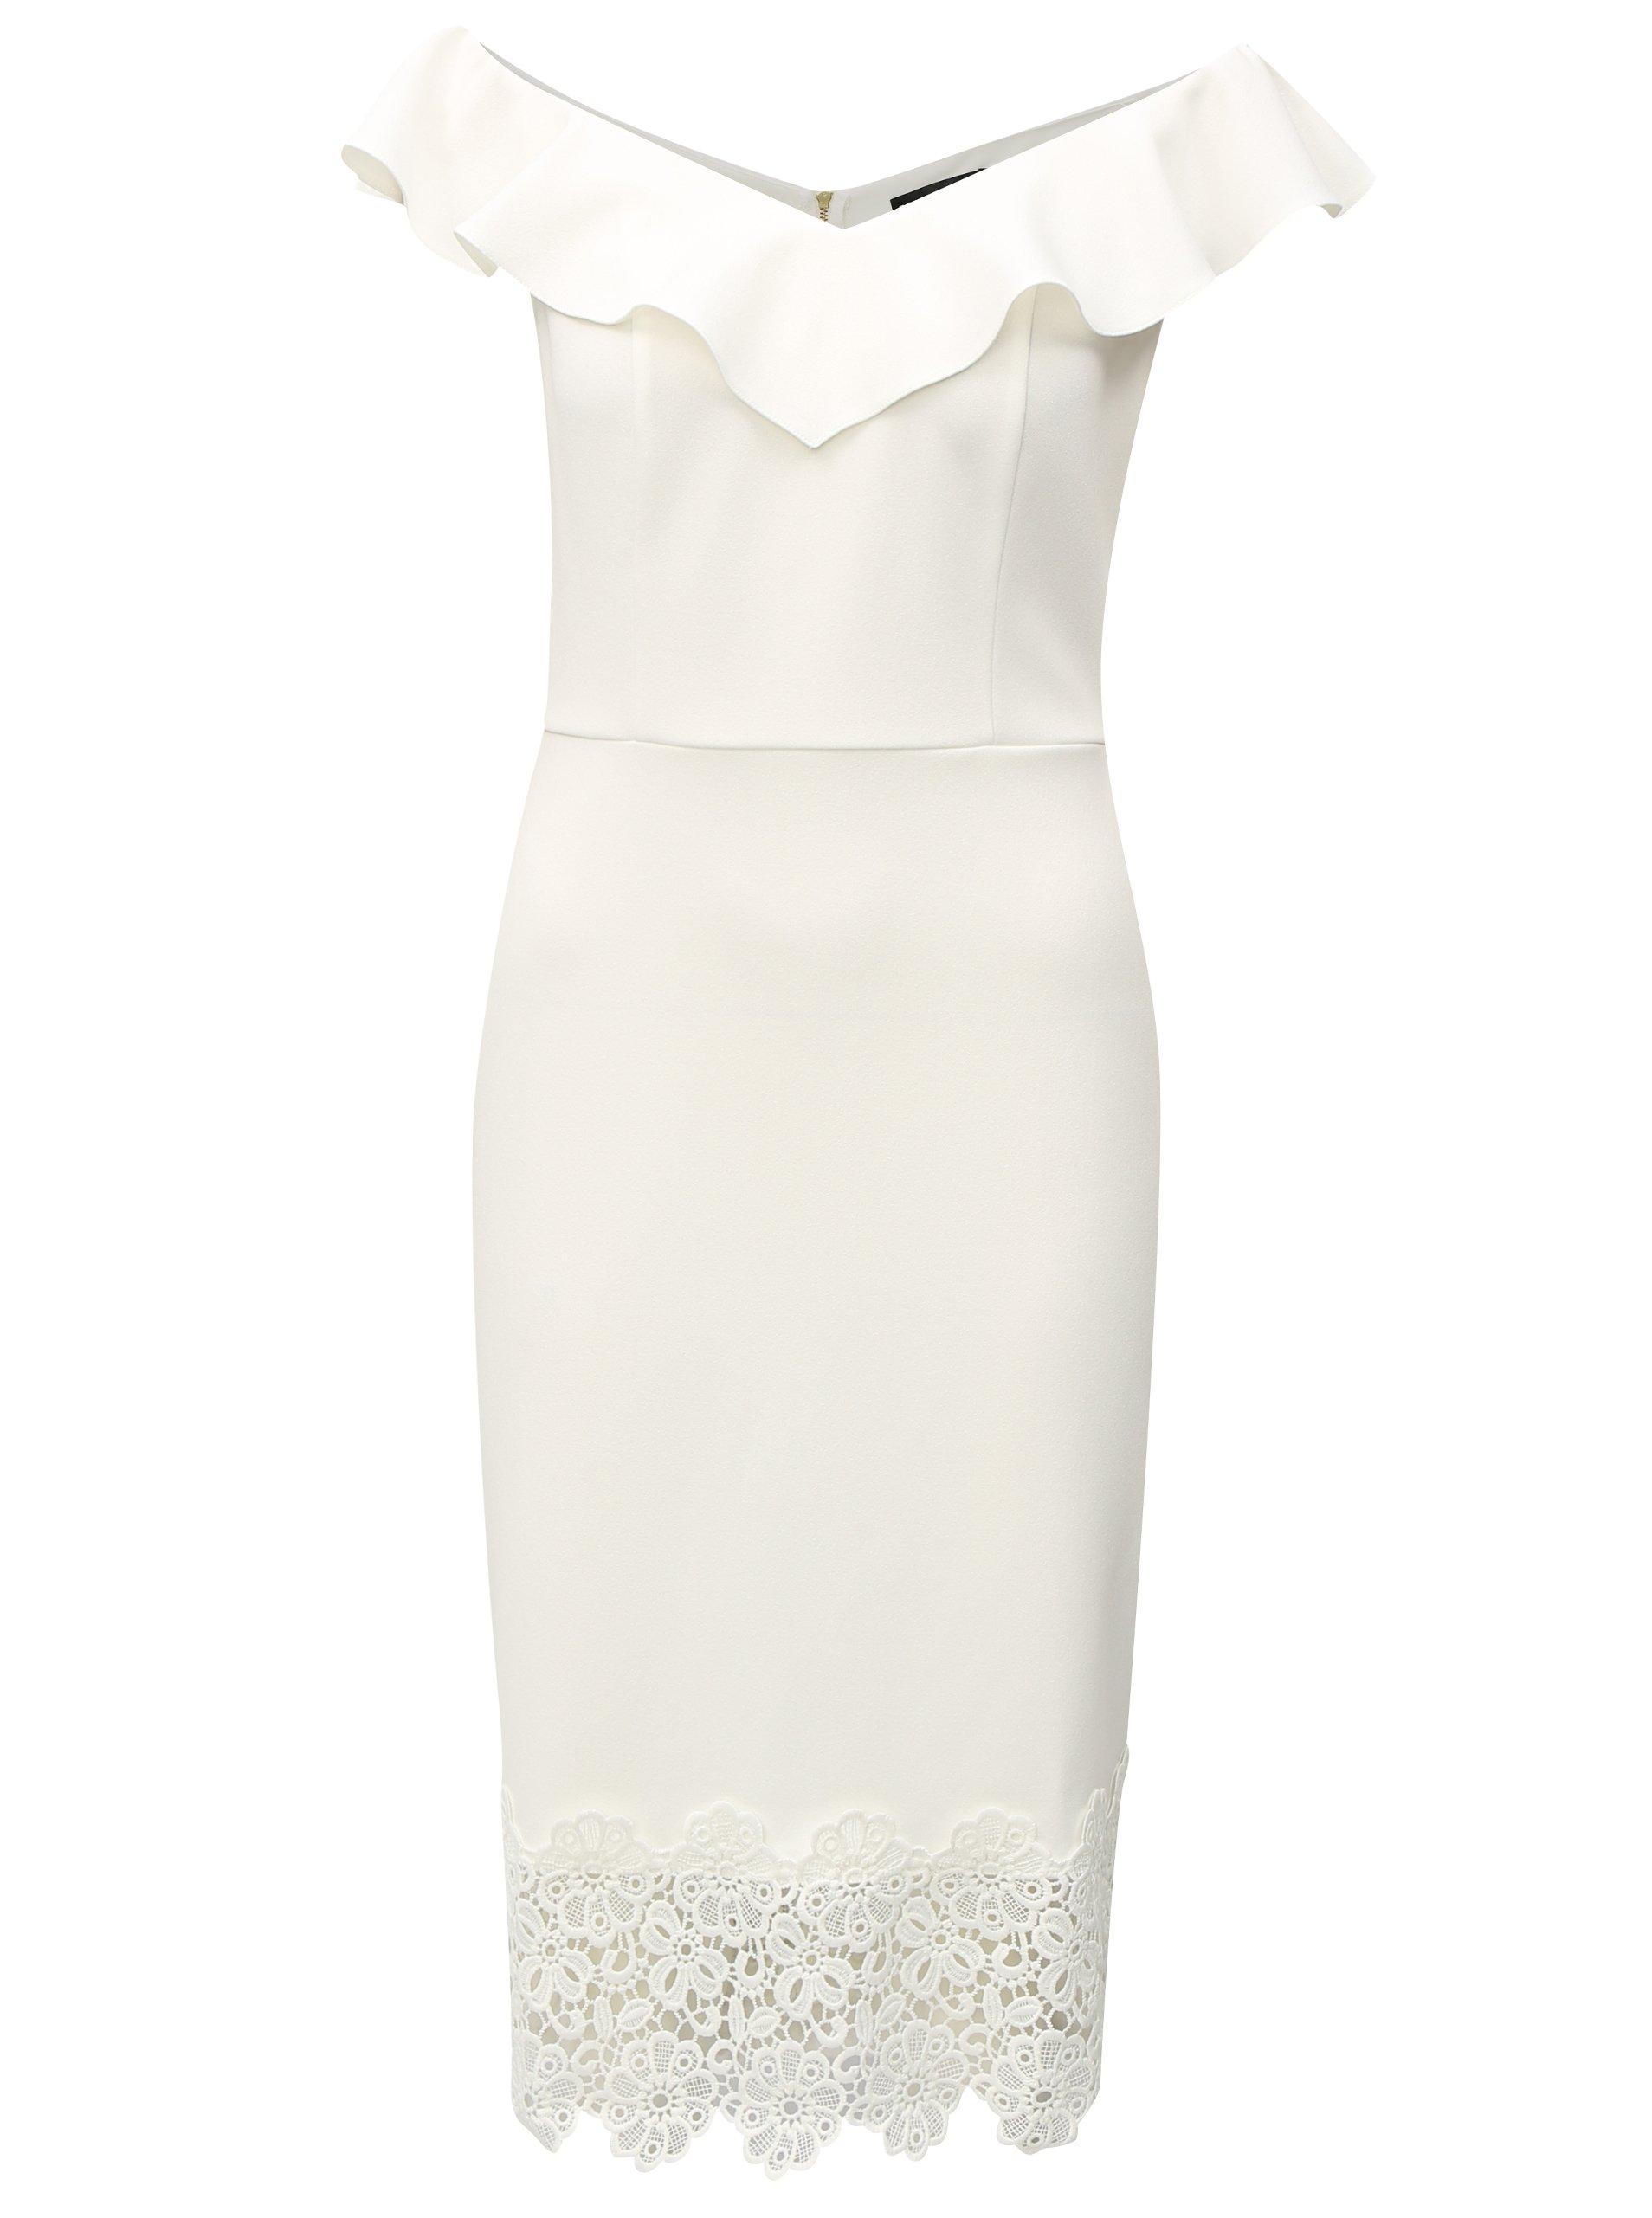 99f0241f33c8 Biele šaty s čipkou a s lodičkovým výstrihom Dorothy Perkins